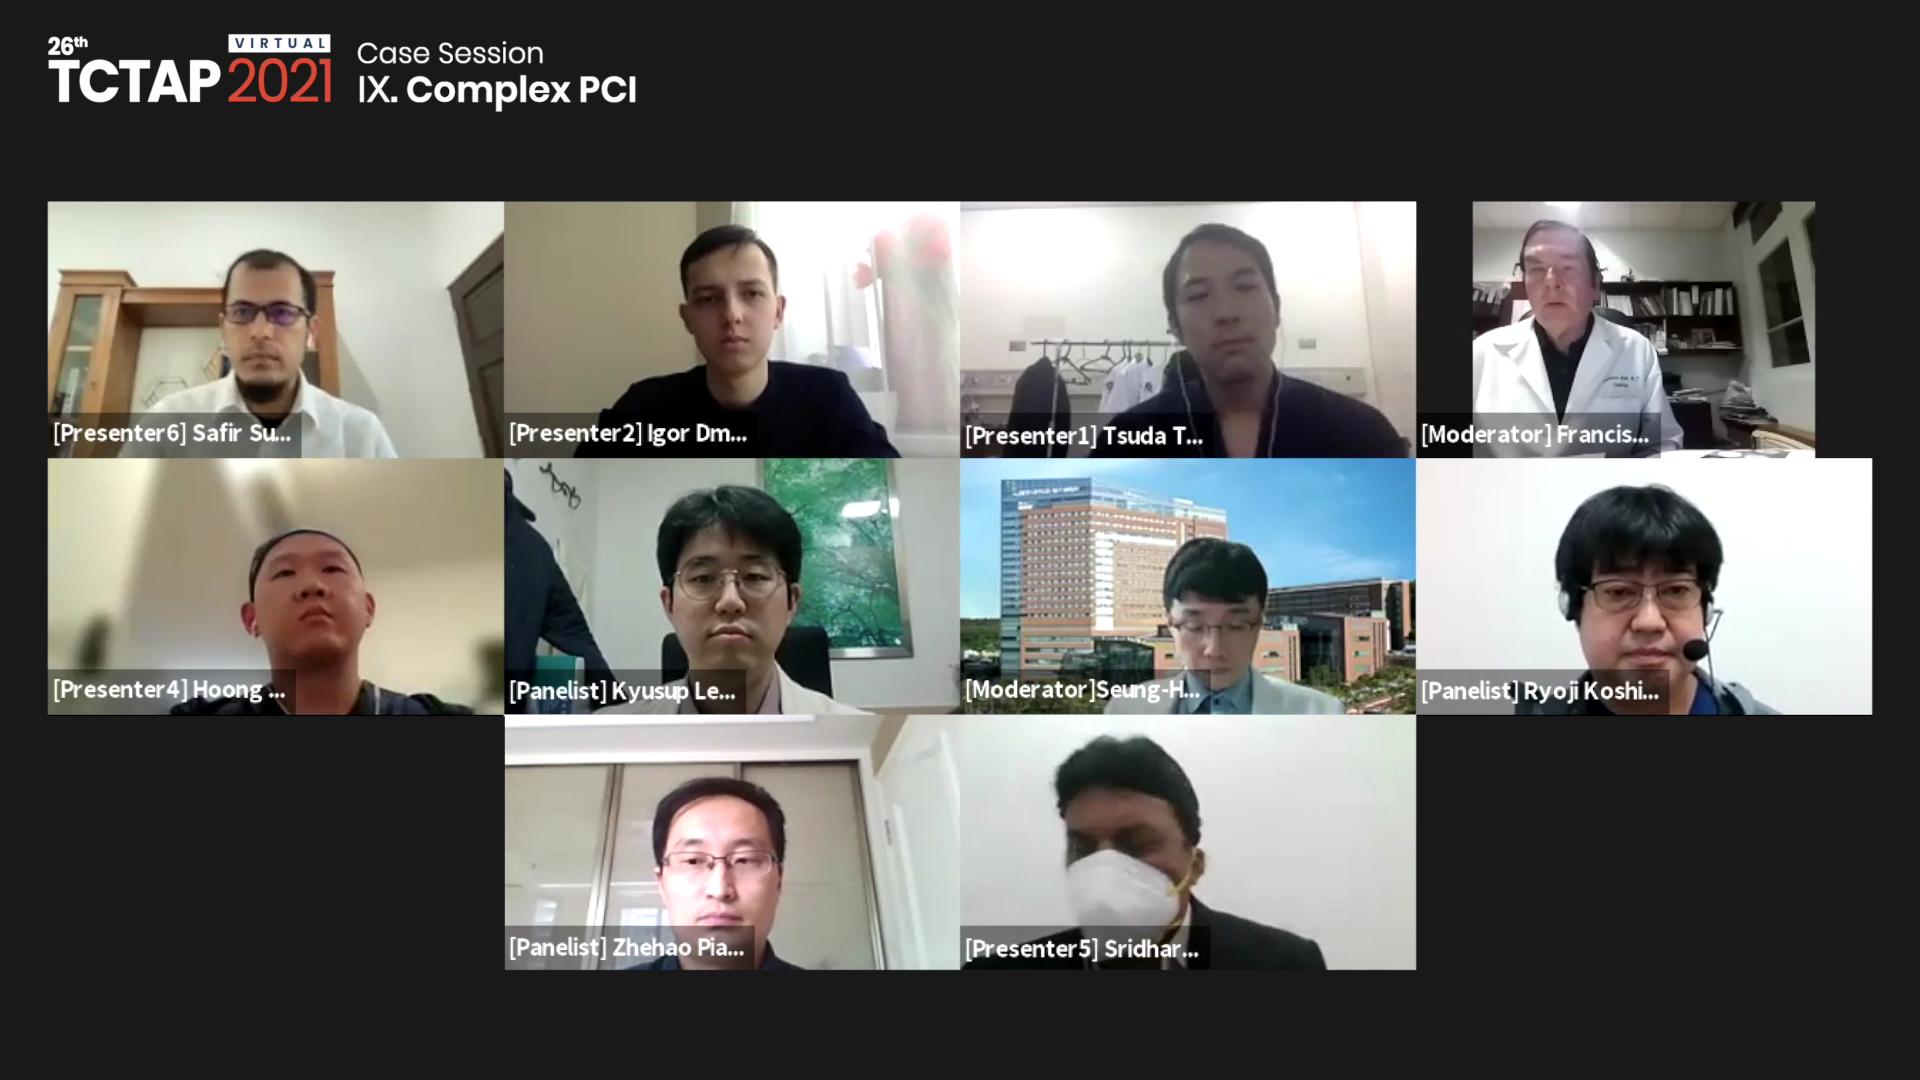 [TCTAP 2021 Virtual] Case Session - Ⅸ. Complex PCI